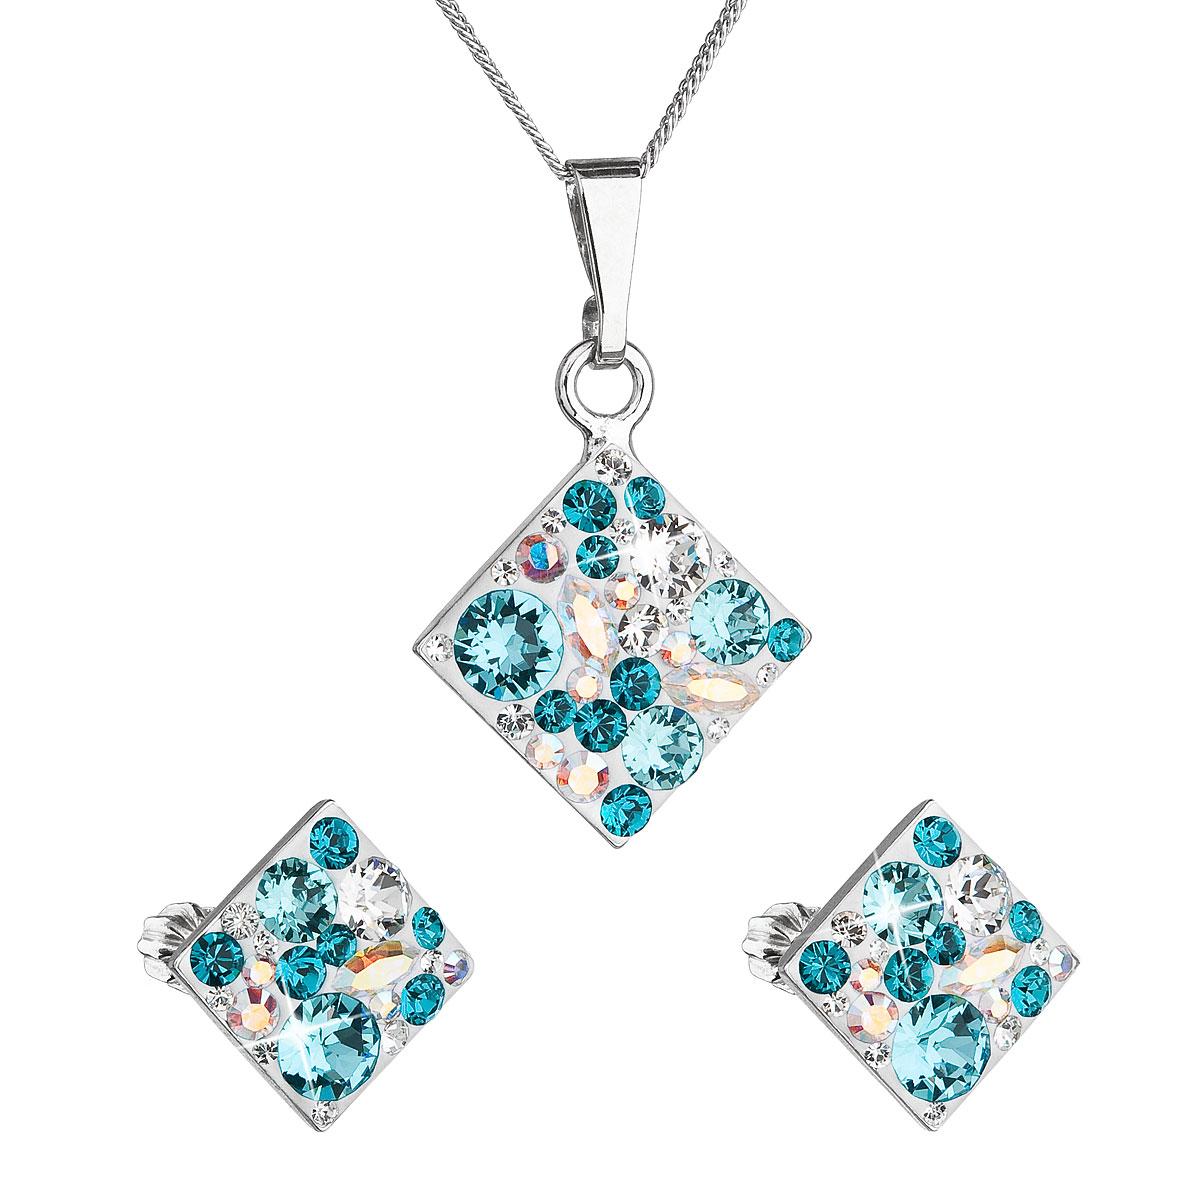 Sada šperkov s krištáľmi Swarovski náušnice, retiazka a prívesok modrý kosoštvorec39126.3 turquoise